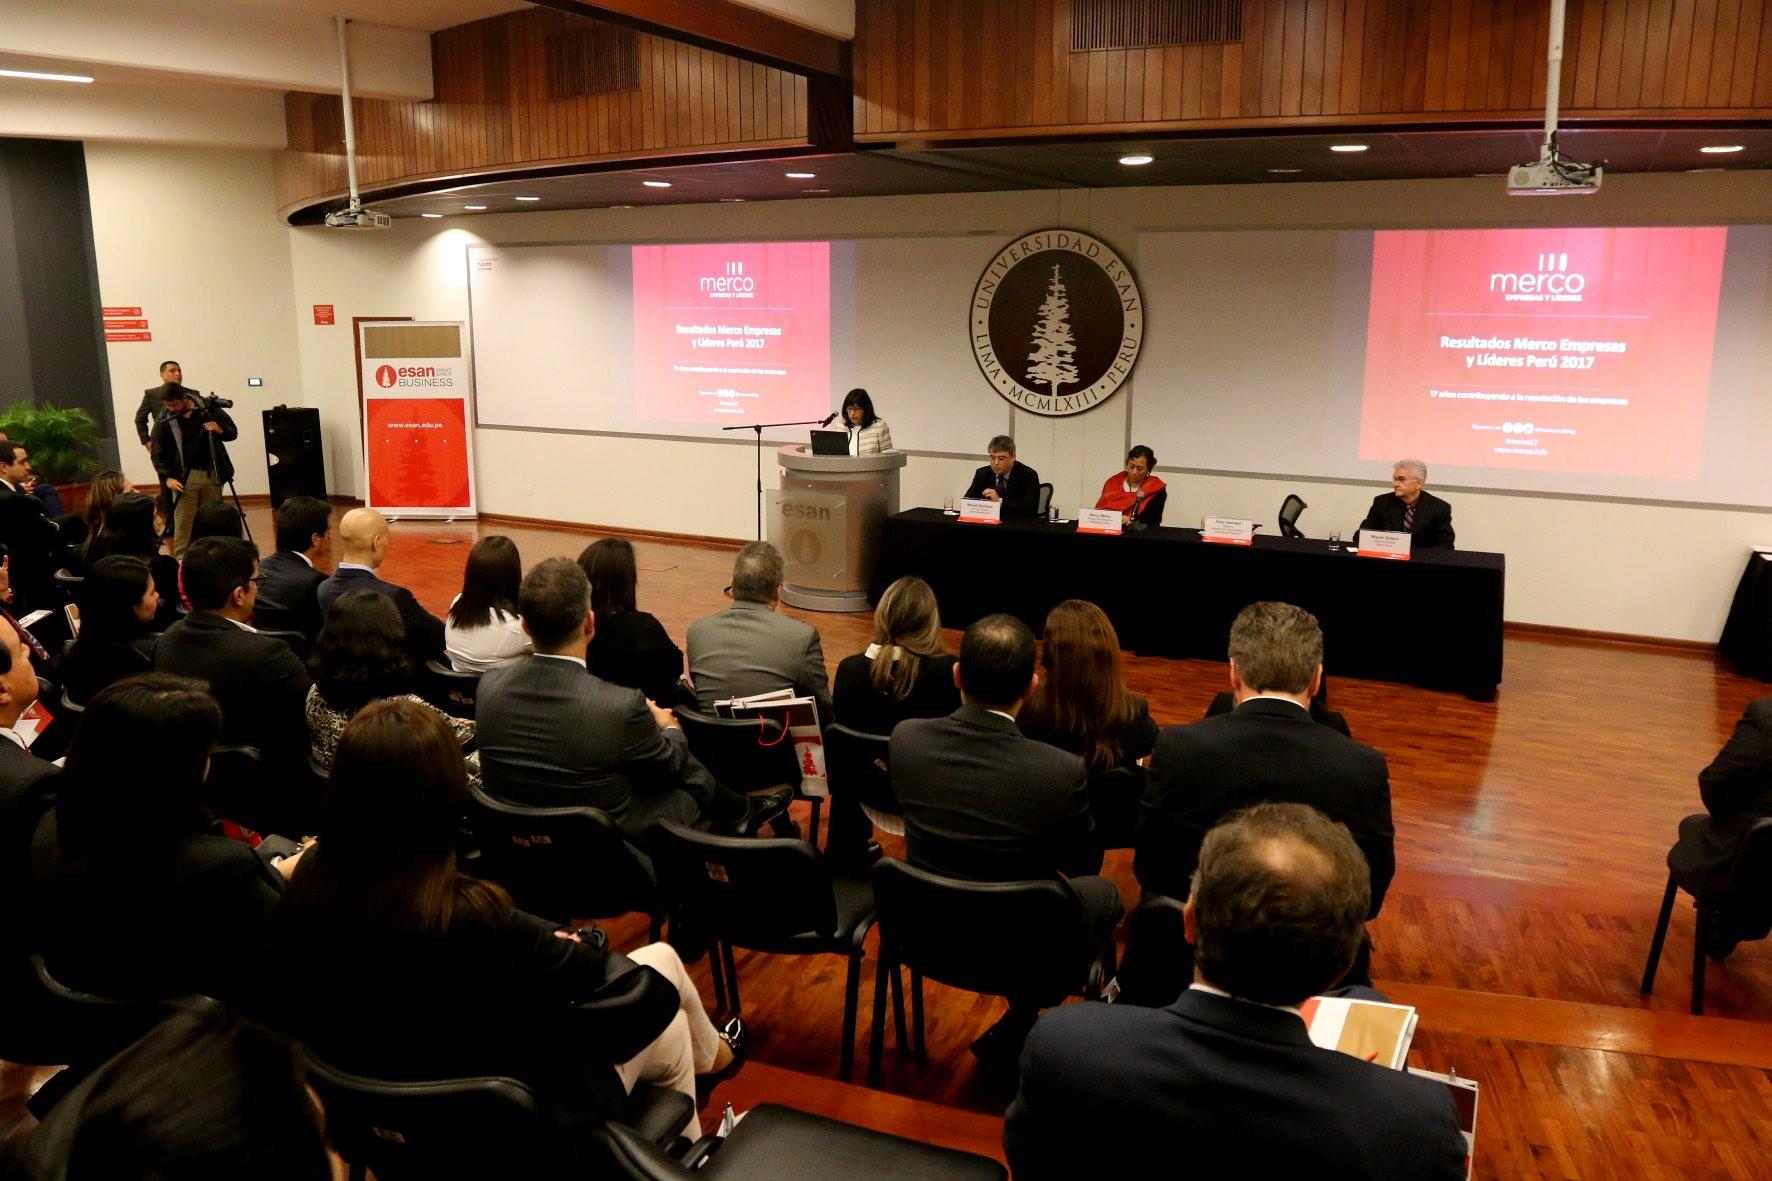 Entel es el operador más responsable y con mejor gobierno corporativo en el Perú según MERCO RSC 2016